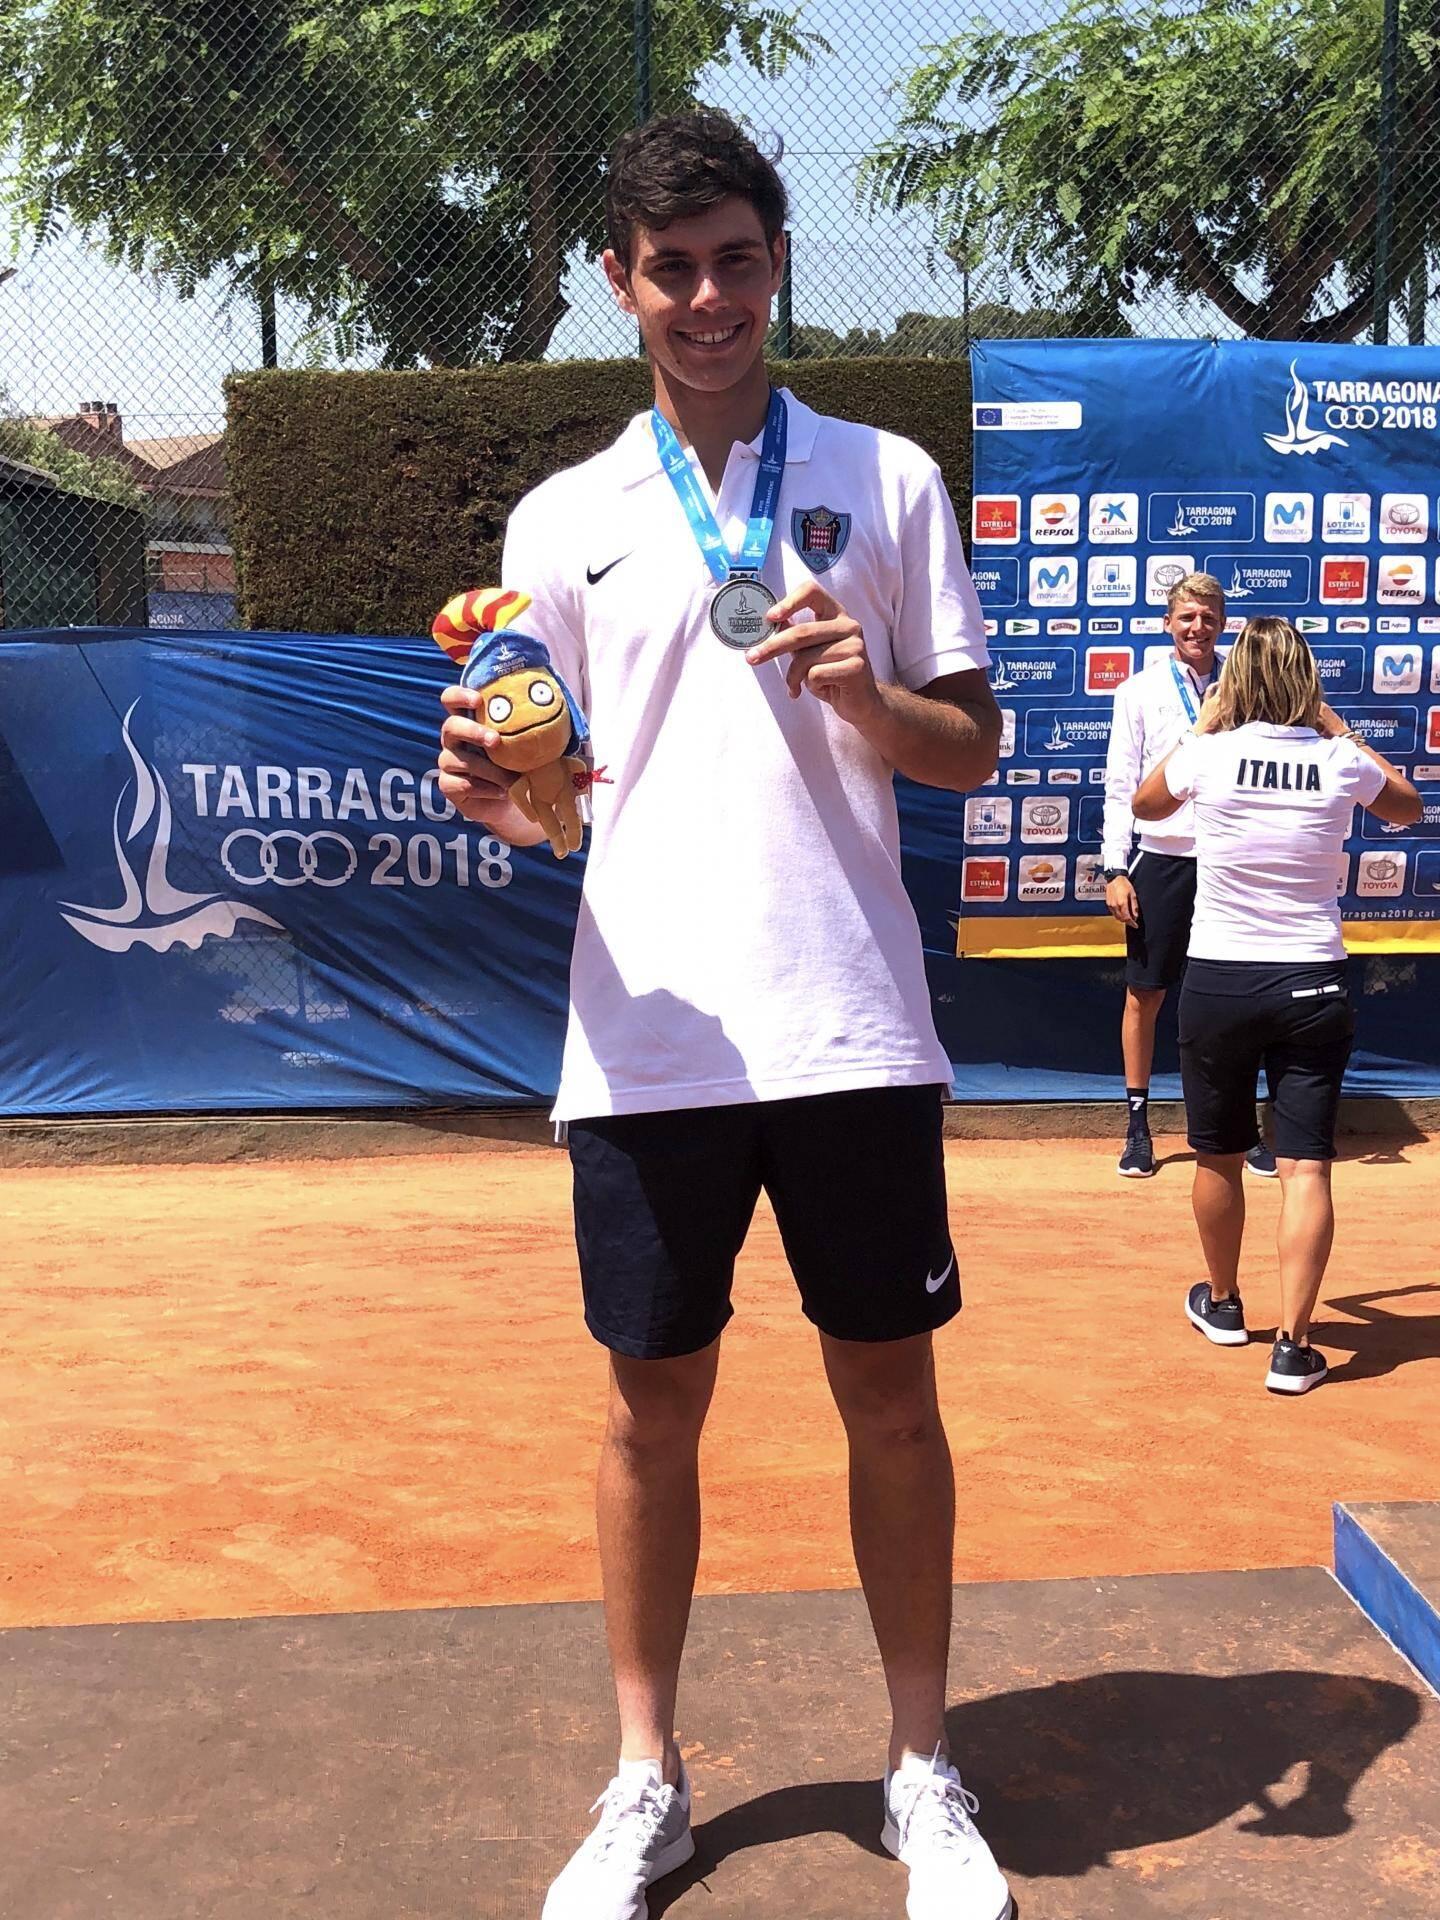 Le sourire du jeune Lucas Catarina (21 ans), après sa belle médaille d'argent en tennis.